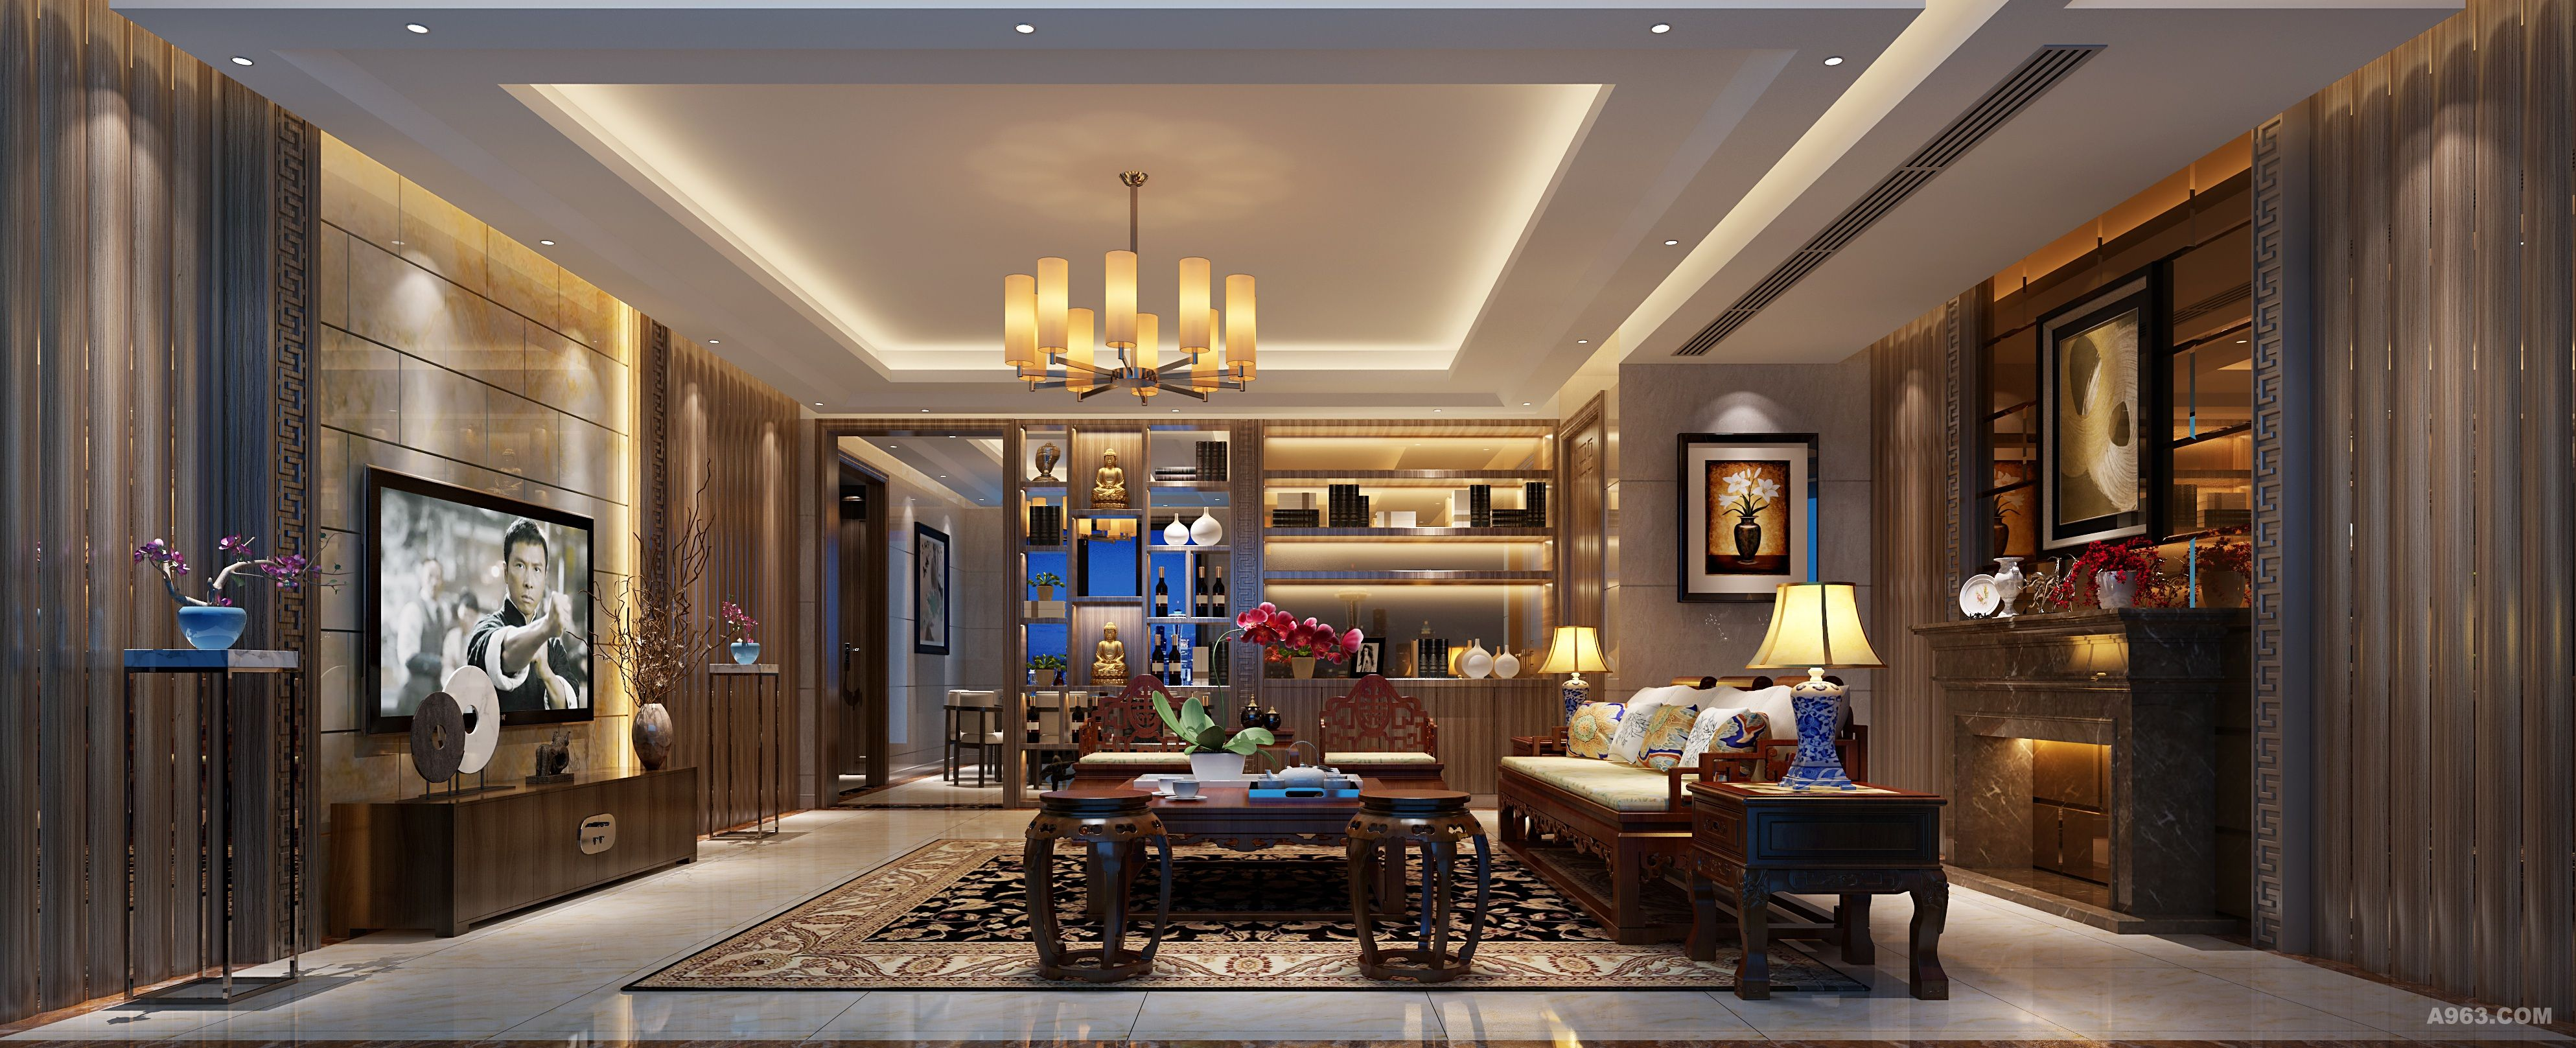 后立面有壁炉,电视机背景有玉石,在中式沙发的烘托下,把中西文化完美